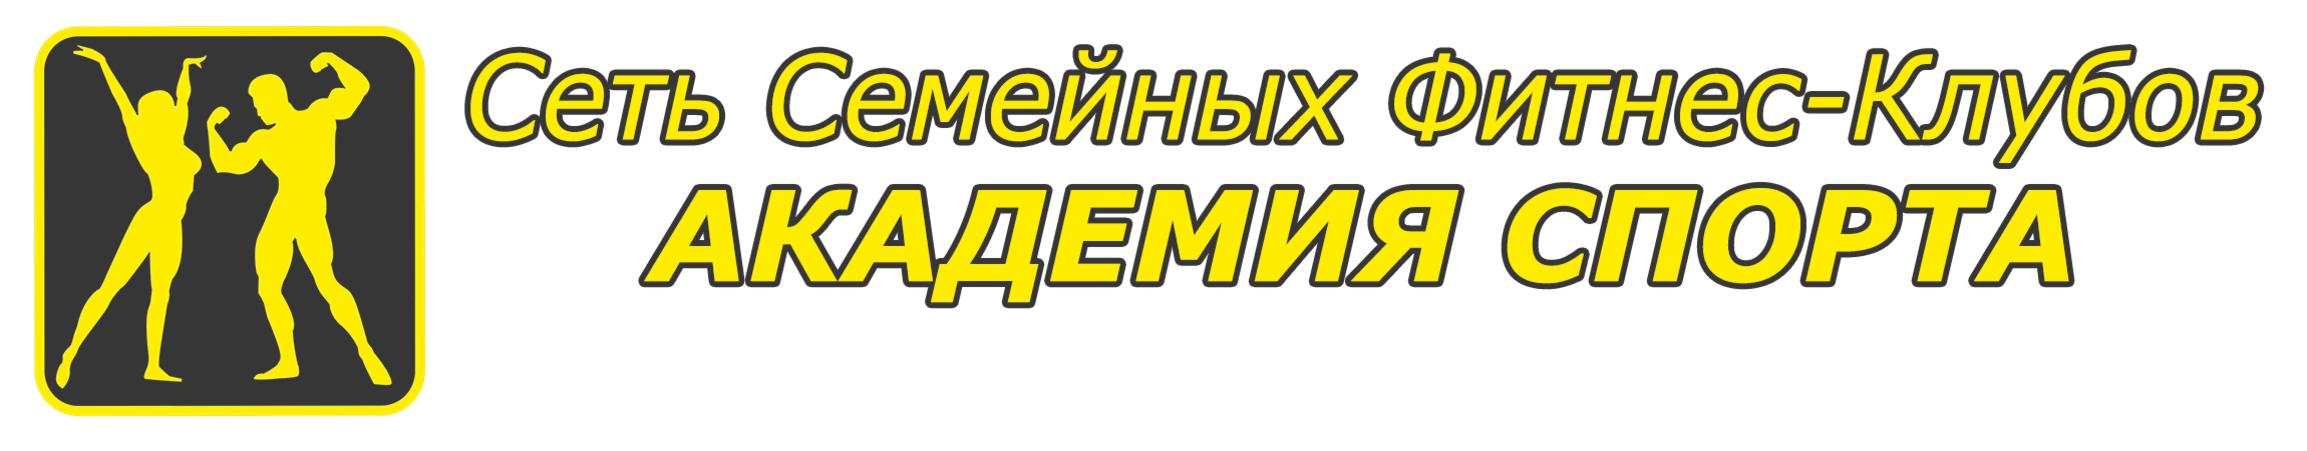 Академия Спорта Варшавская